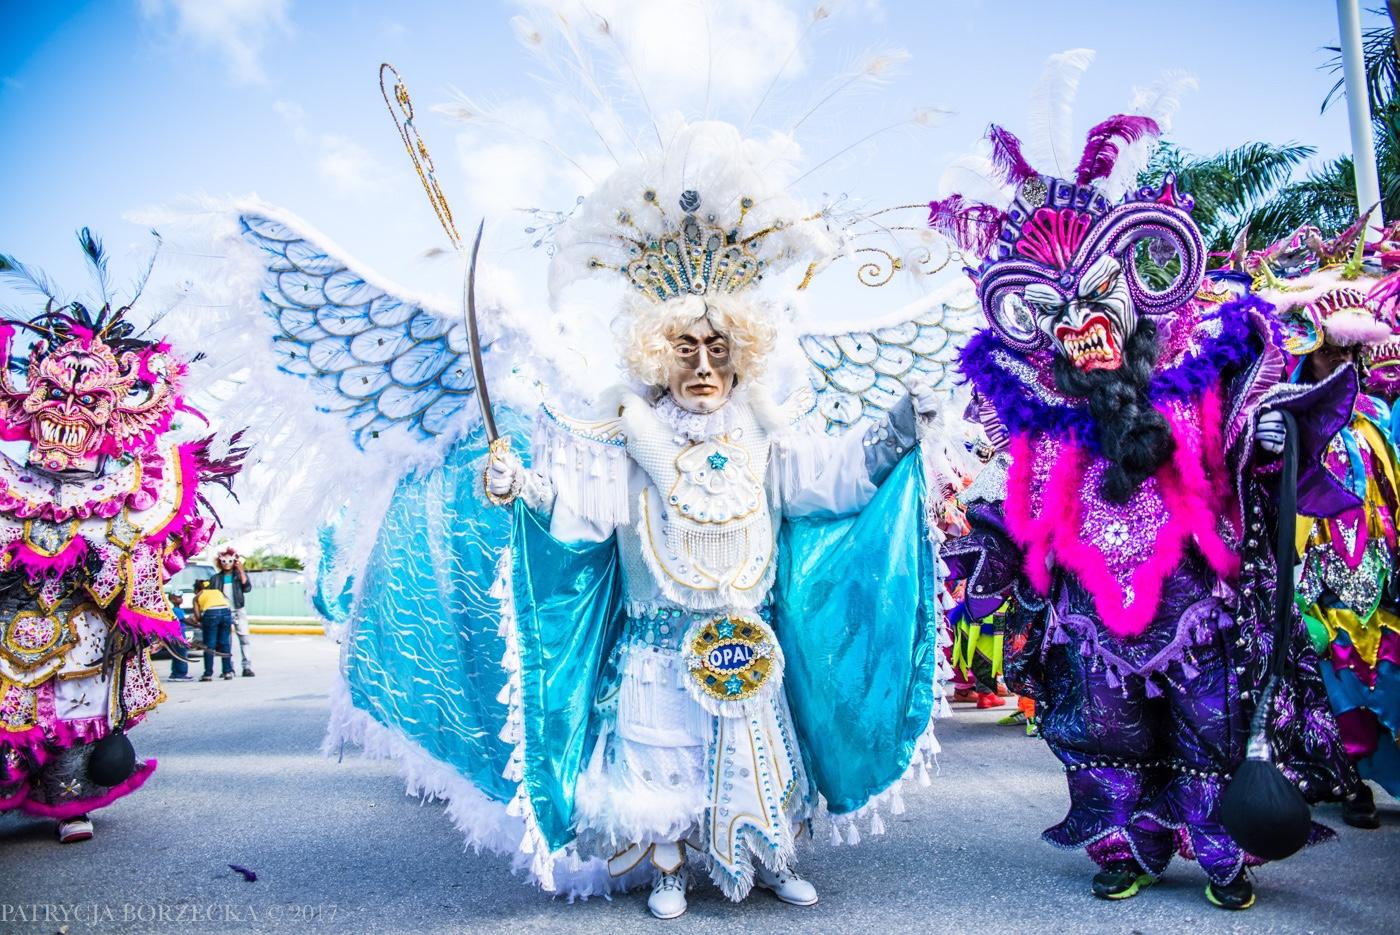 PatrycjaBorzecka-Photo-Carnival-Punta-Cana09